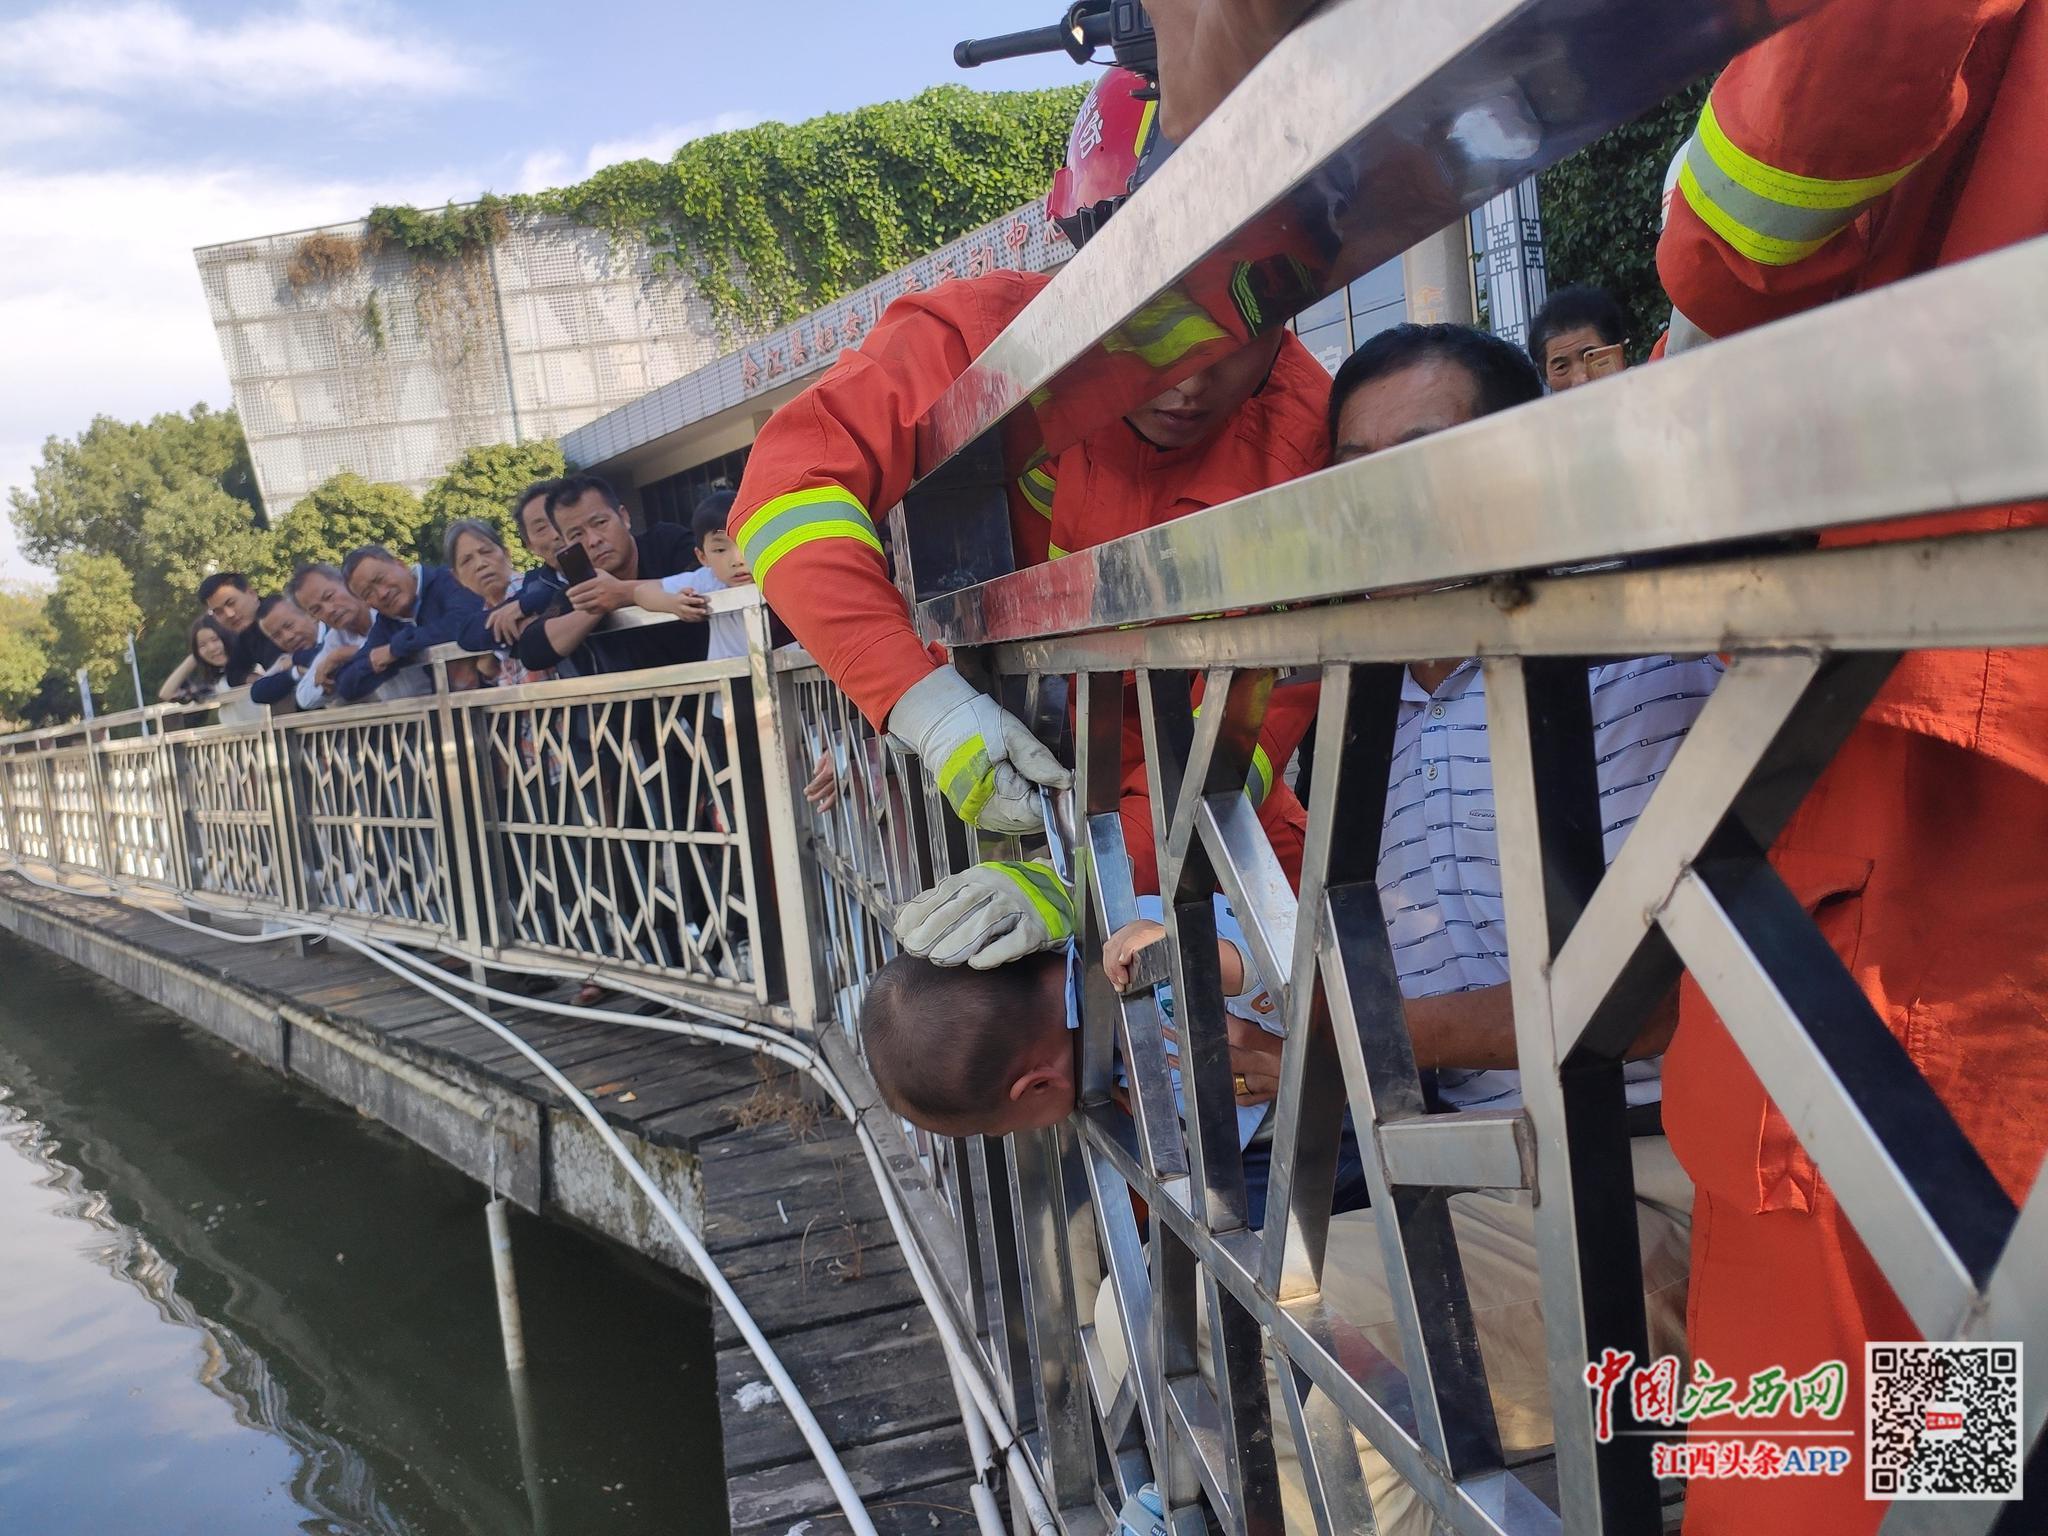 小孩头卡河边护栏 鹰潭消防帮助脱困